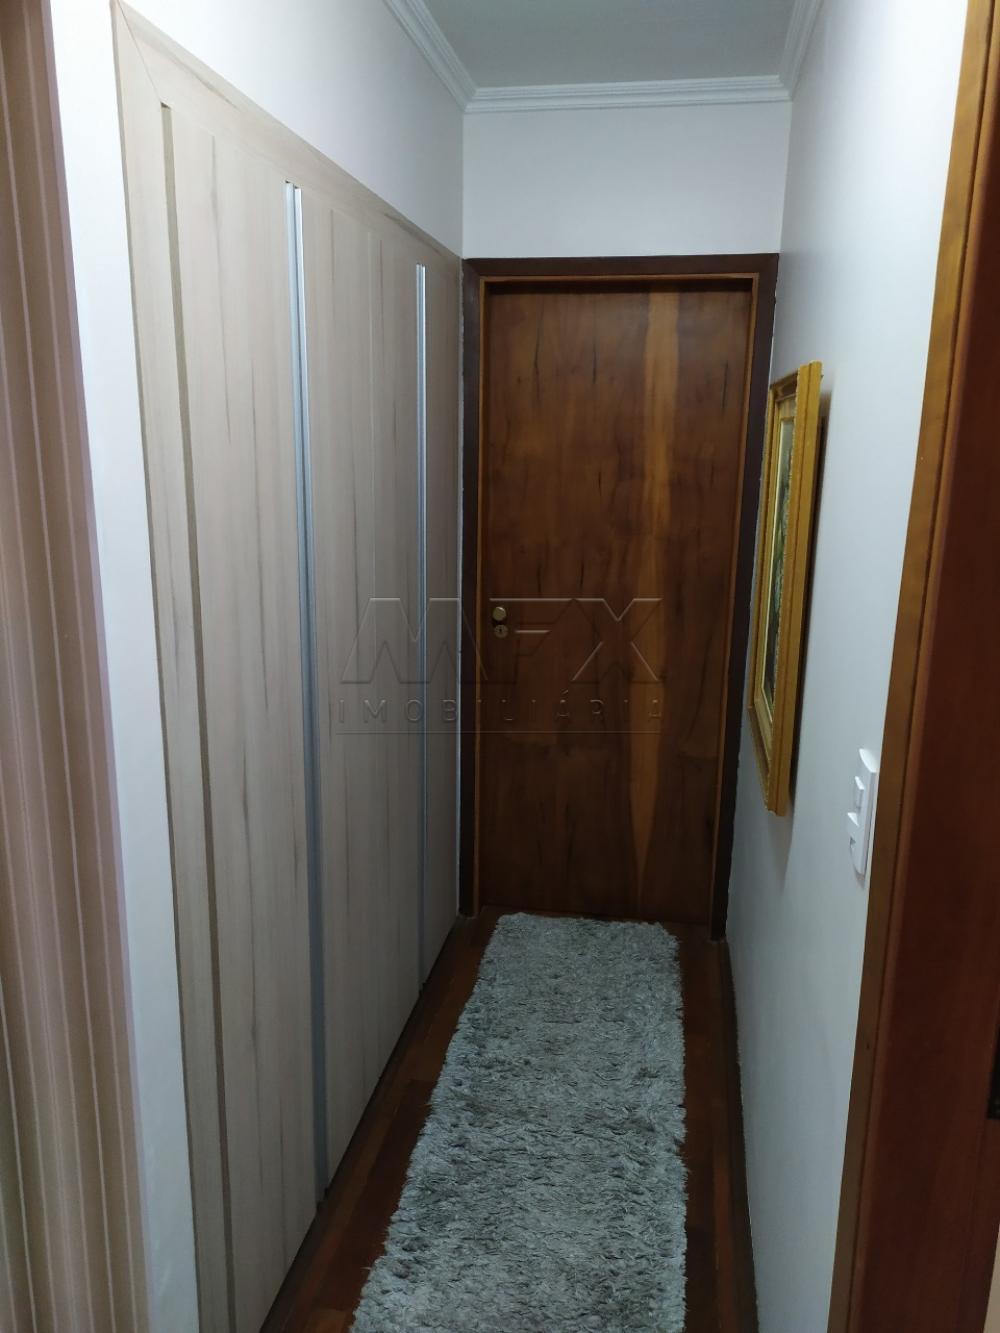 Comprar Casa / Padrão em Bauru apenas R$ 700.000,00 - Foto 8